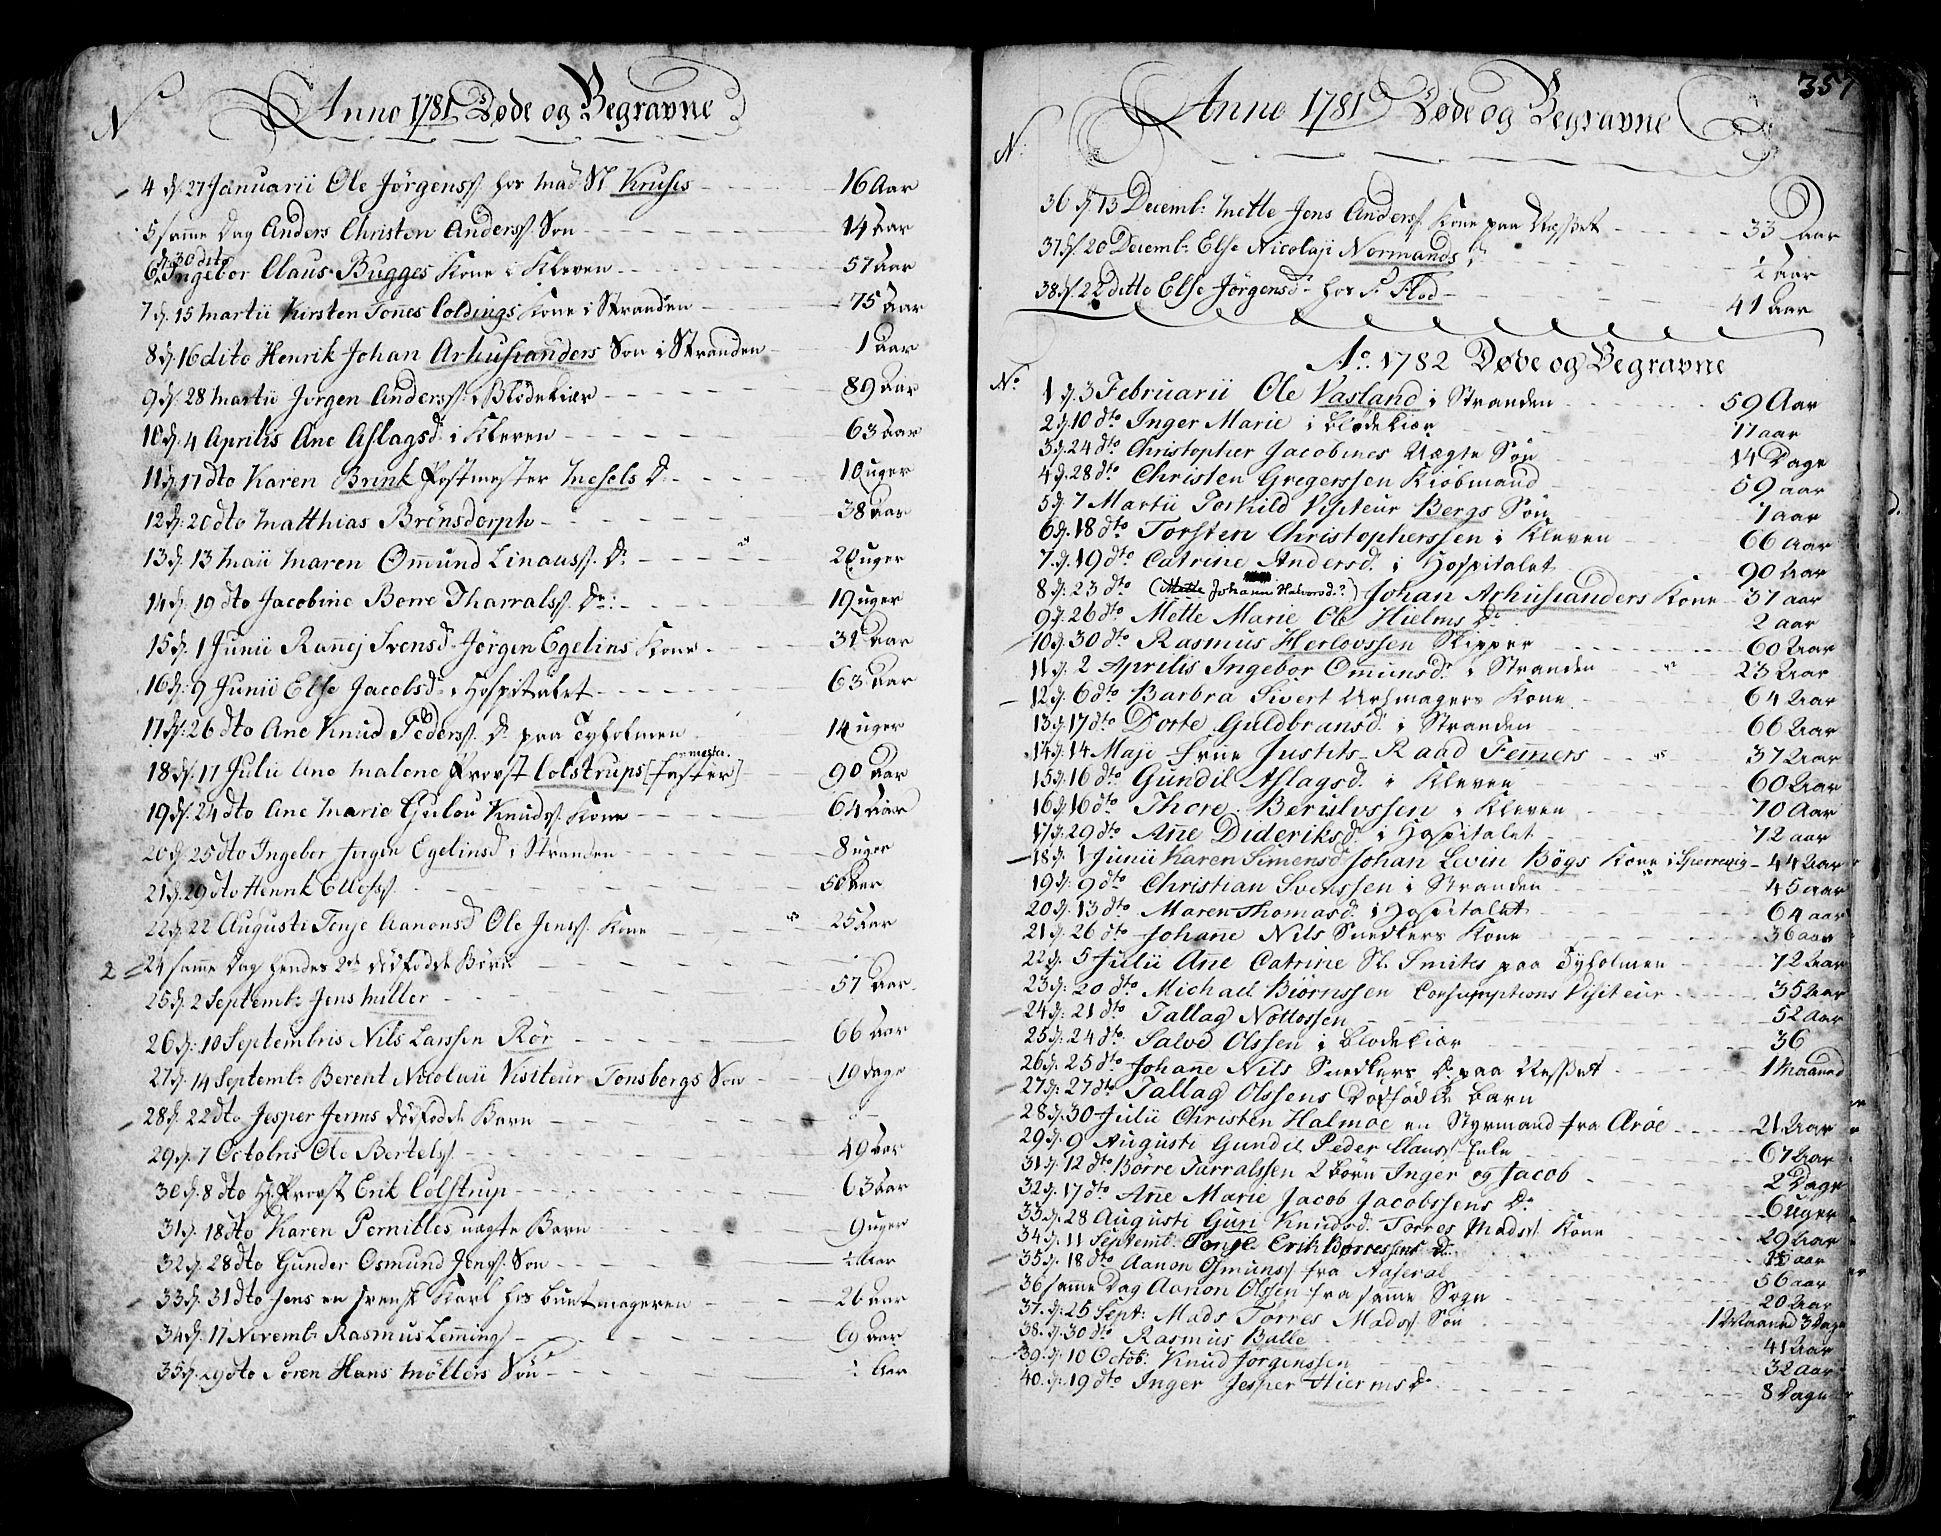 SAK, Arendal sokneprestkontor, Trefoldighet, F/Fa/L0001: Ministerialbok nr. A 1, 1703-1815, s. 441